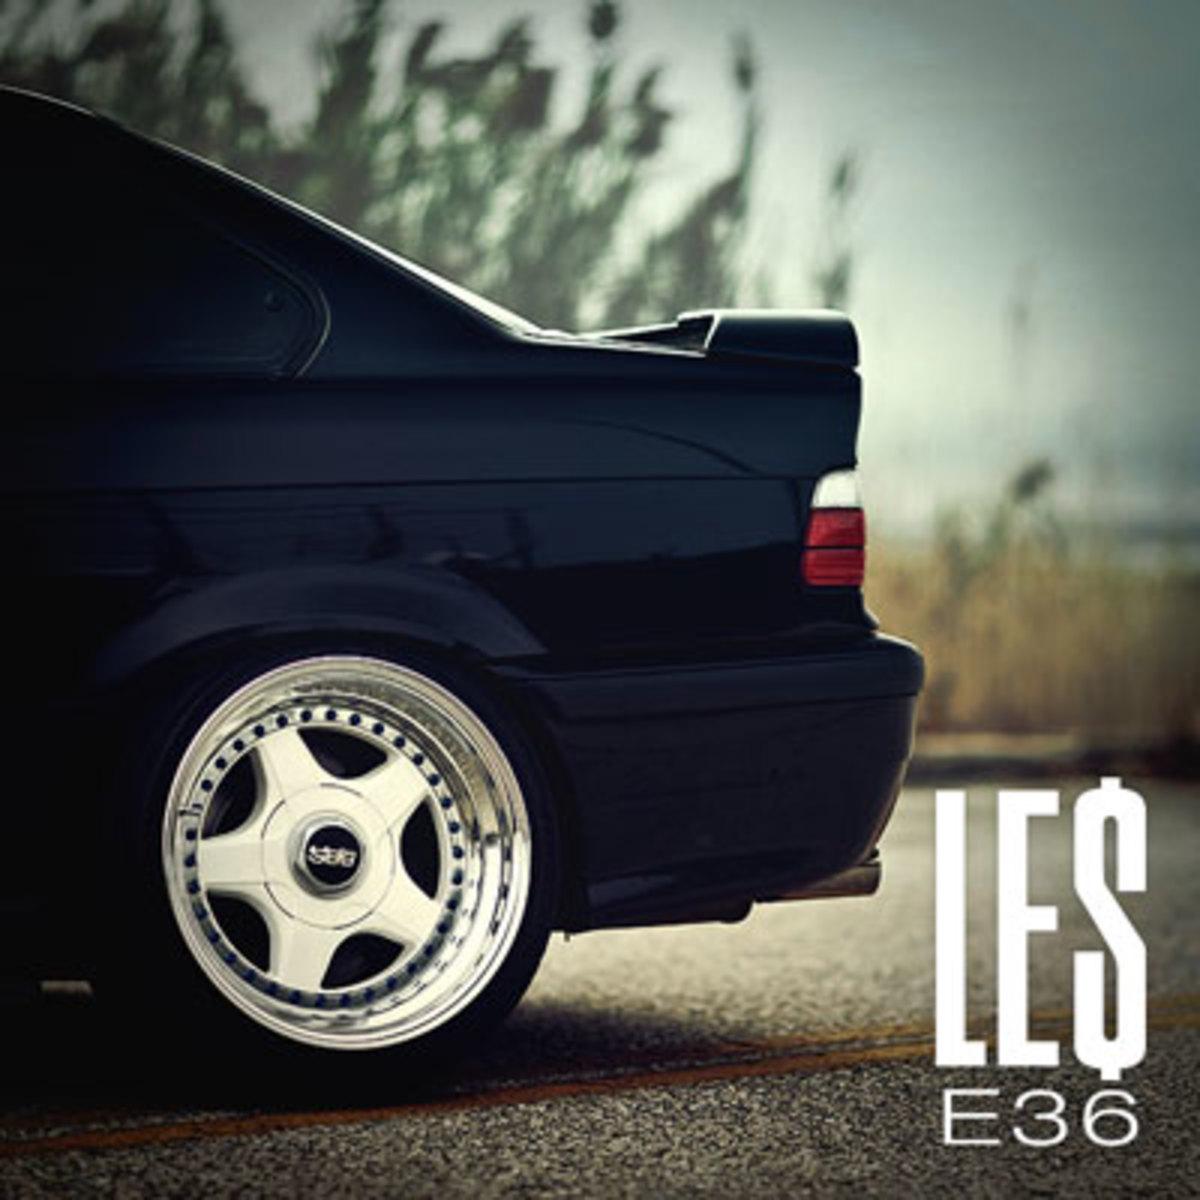 les-e36.jpg